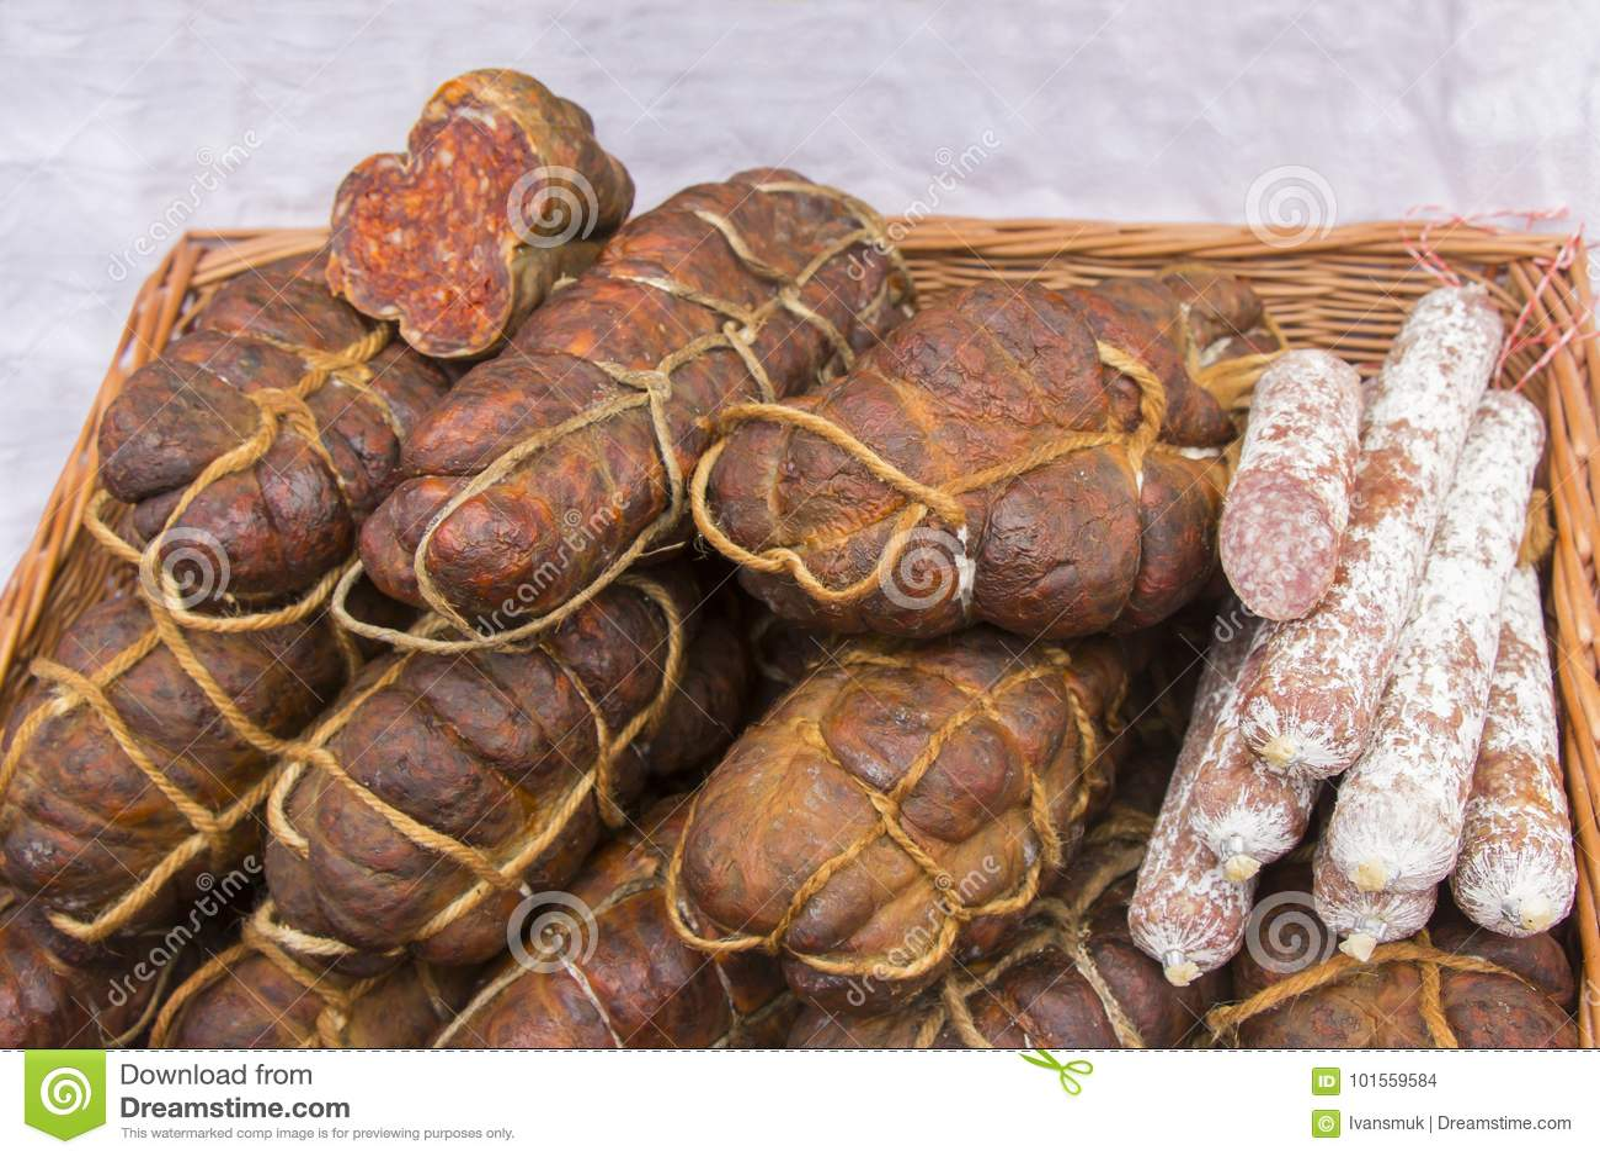 Kulen est saucisse épicée authentique célèbre